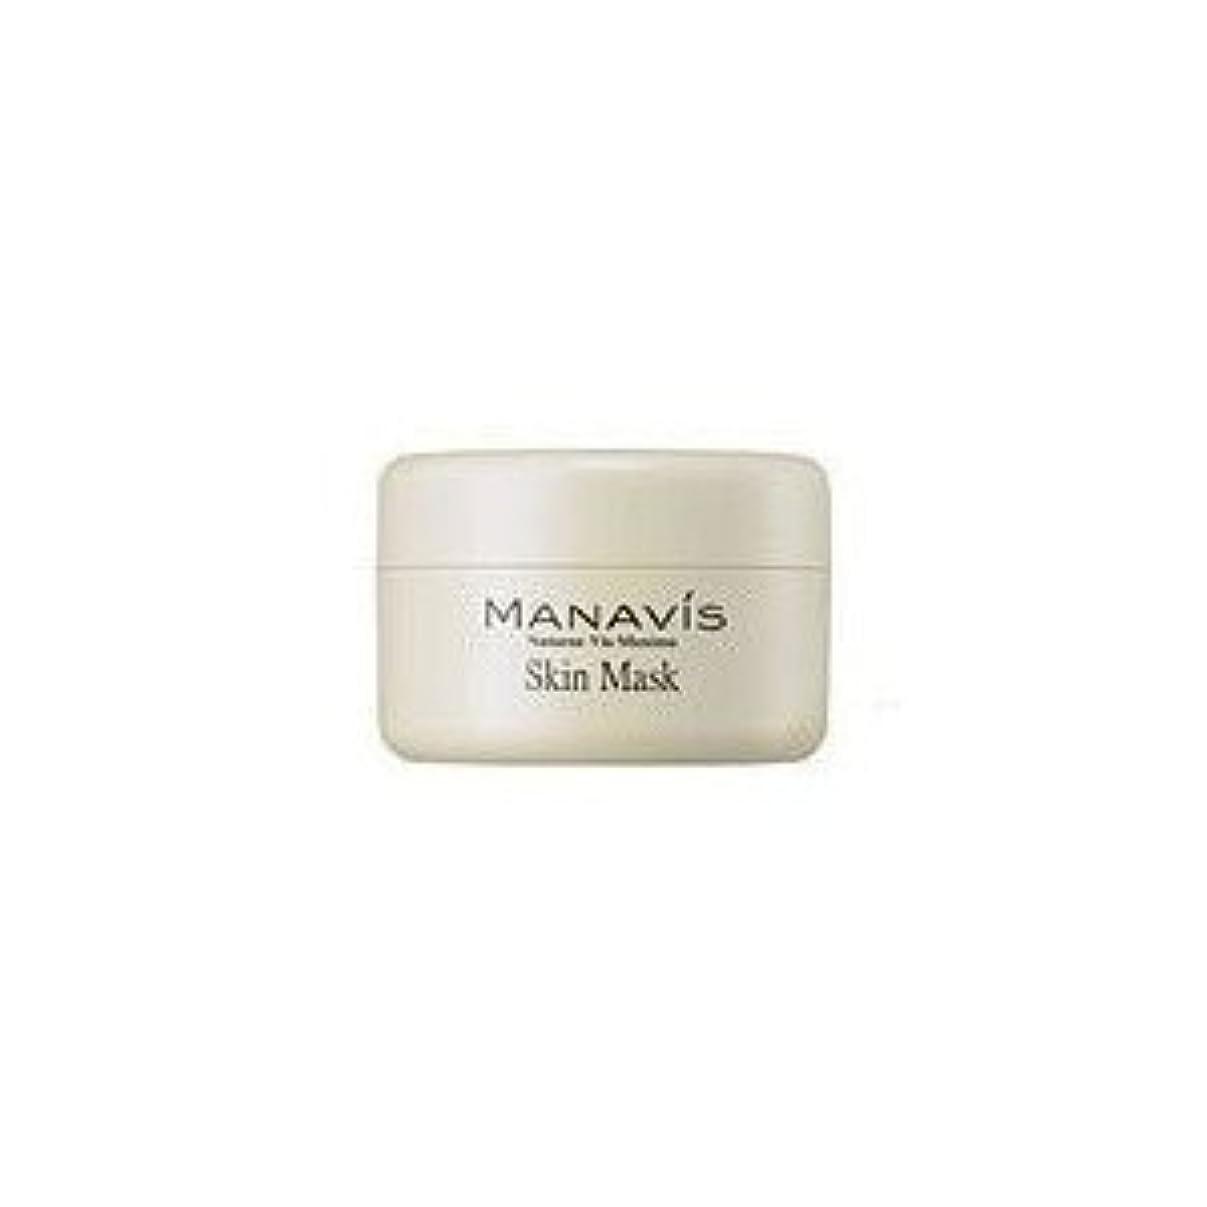 なしでリフレッシュワークショップMANAVIS マナビス化粧品 薬用スキンマスク